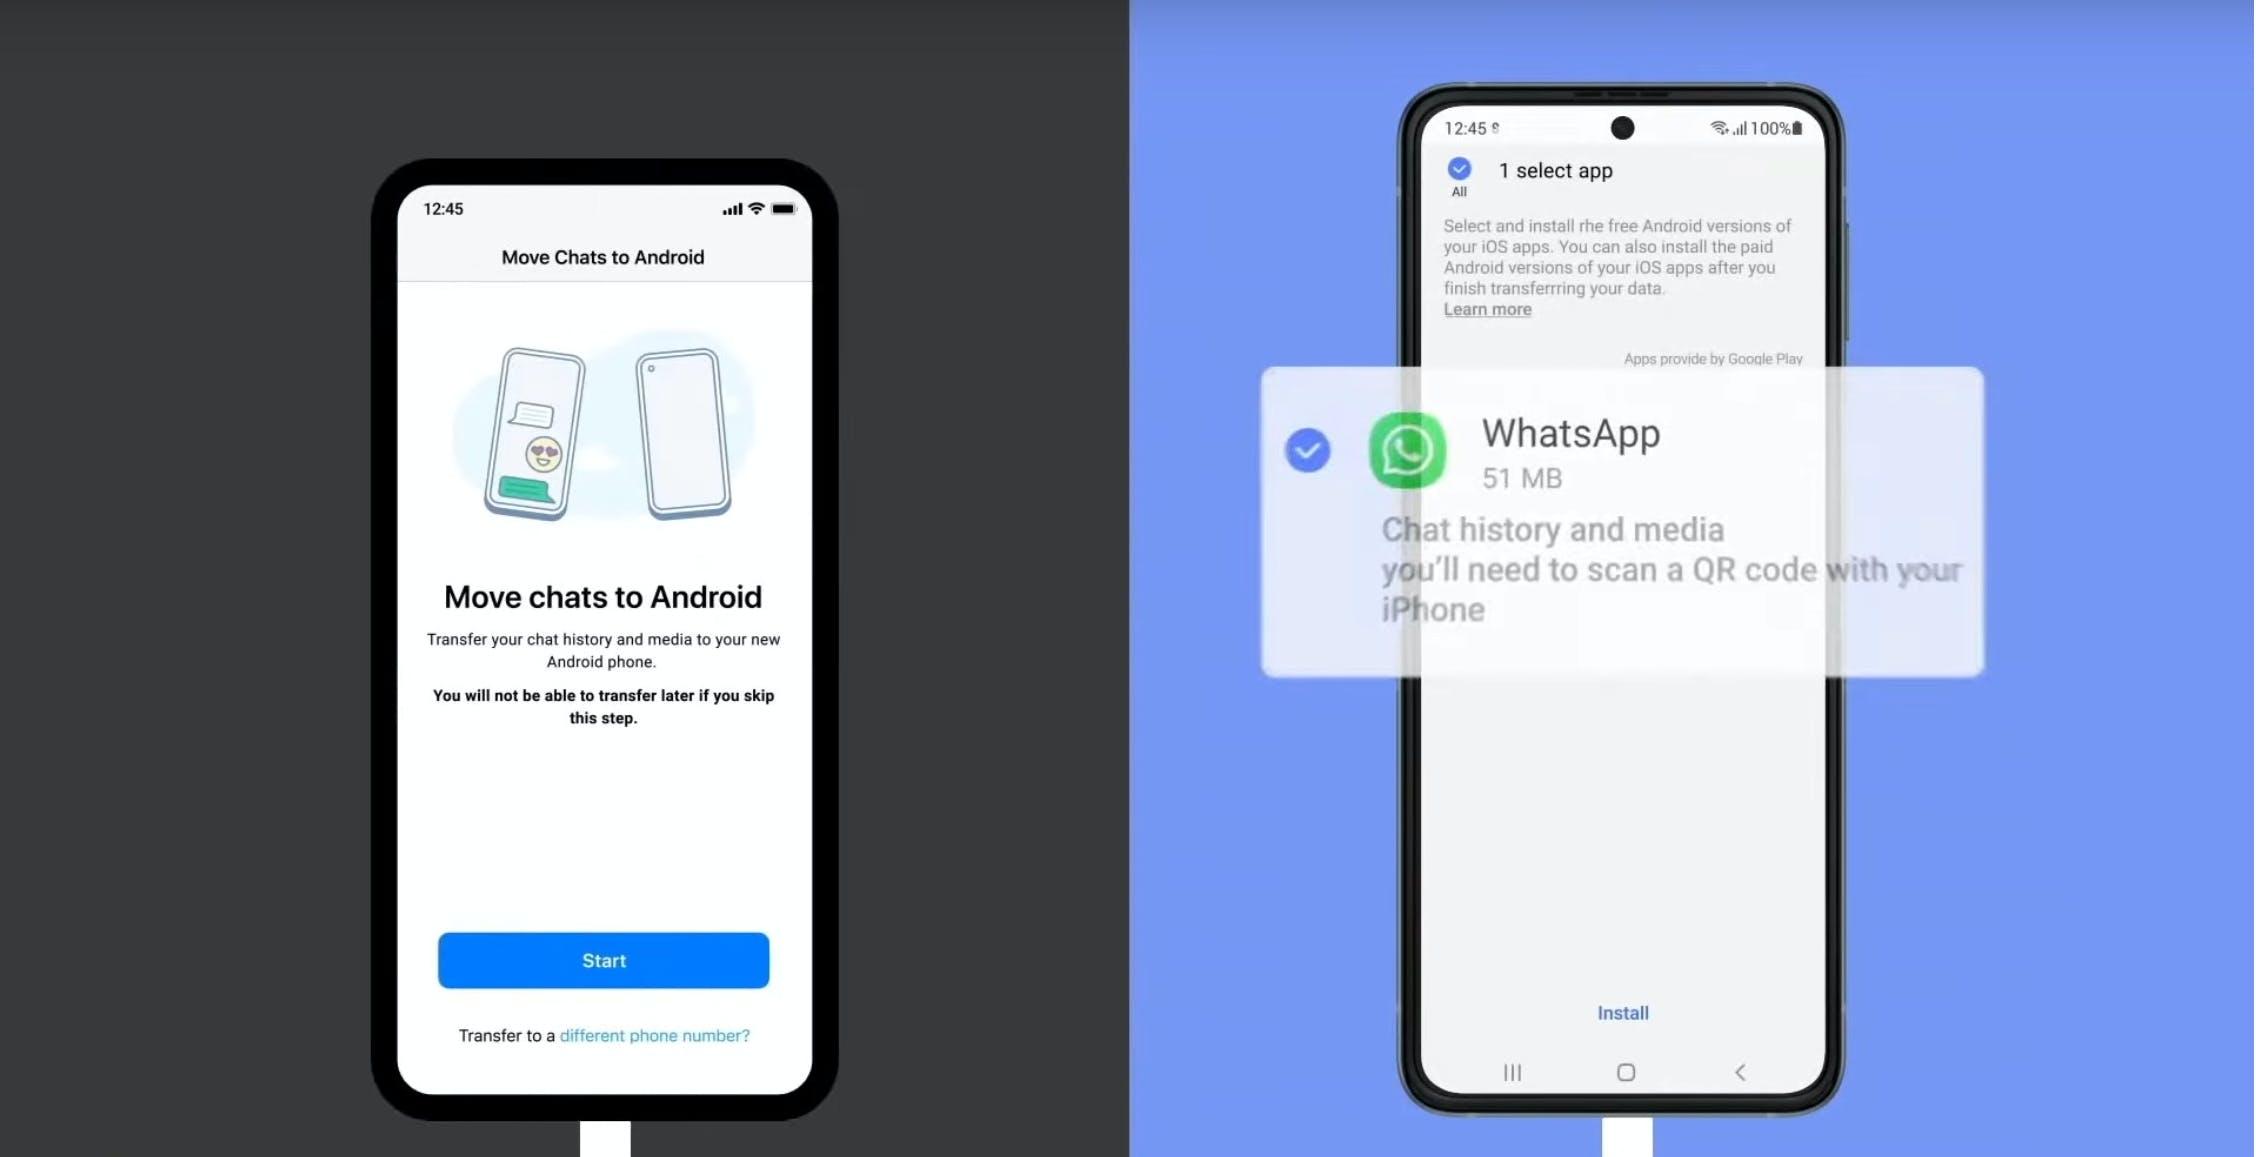 WhatsApp permetterà la migrazione delle chat tra iPhone e Android, cominciando con i Samsung